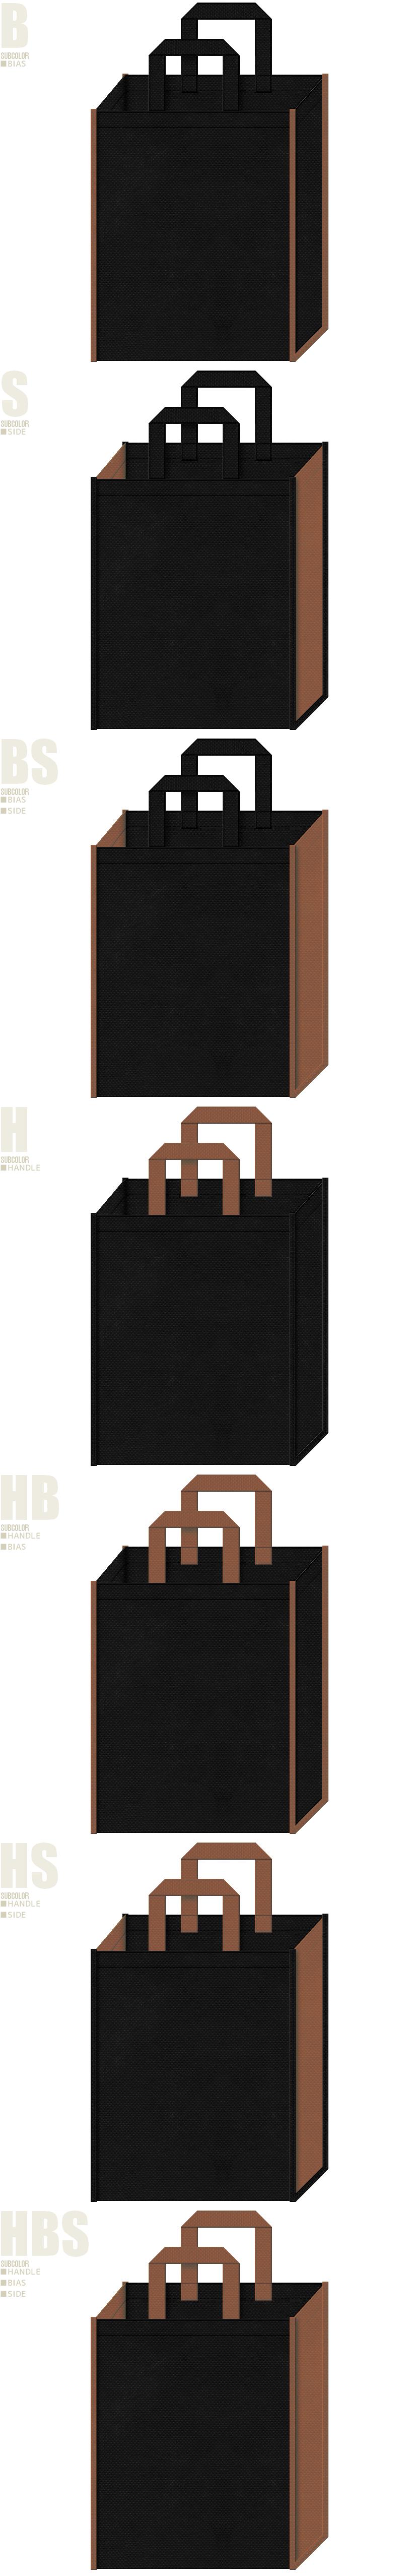 黒色と茶色、7パターンの不織布トートバッグ配色デザイン例。お城イベント・ゲームのバッグノベルティにお奨めです。侍・武家風。